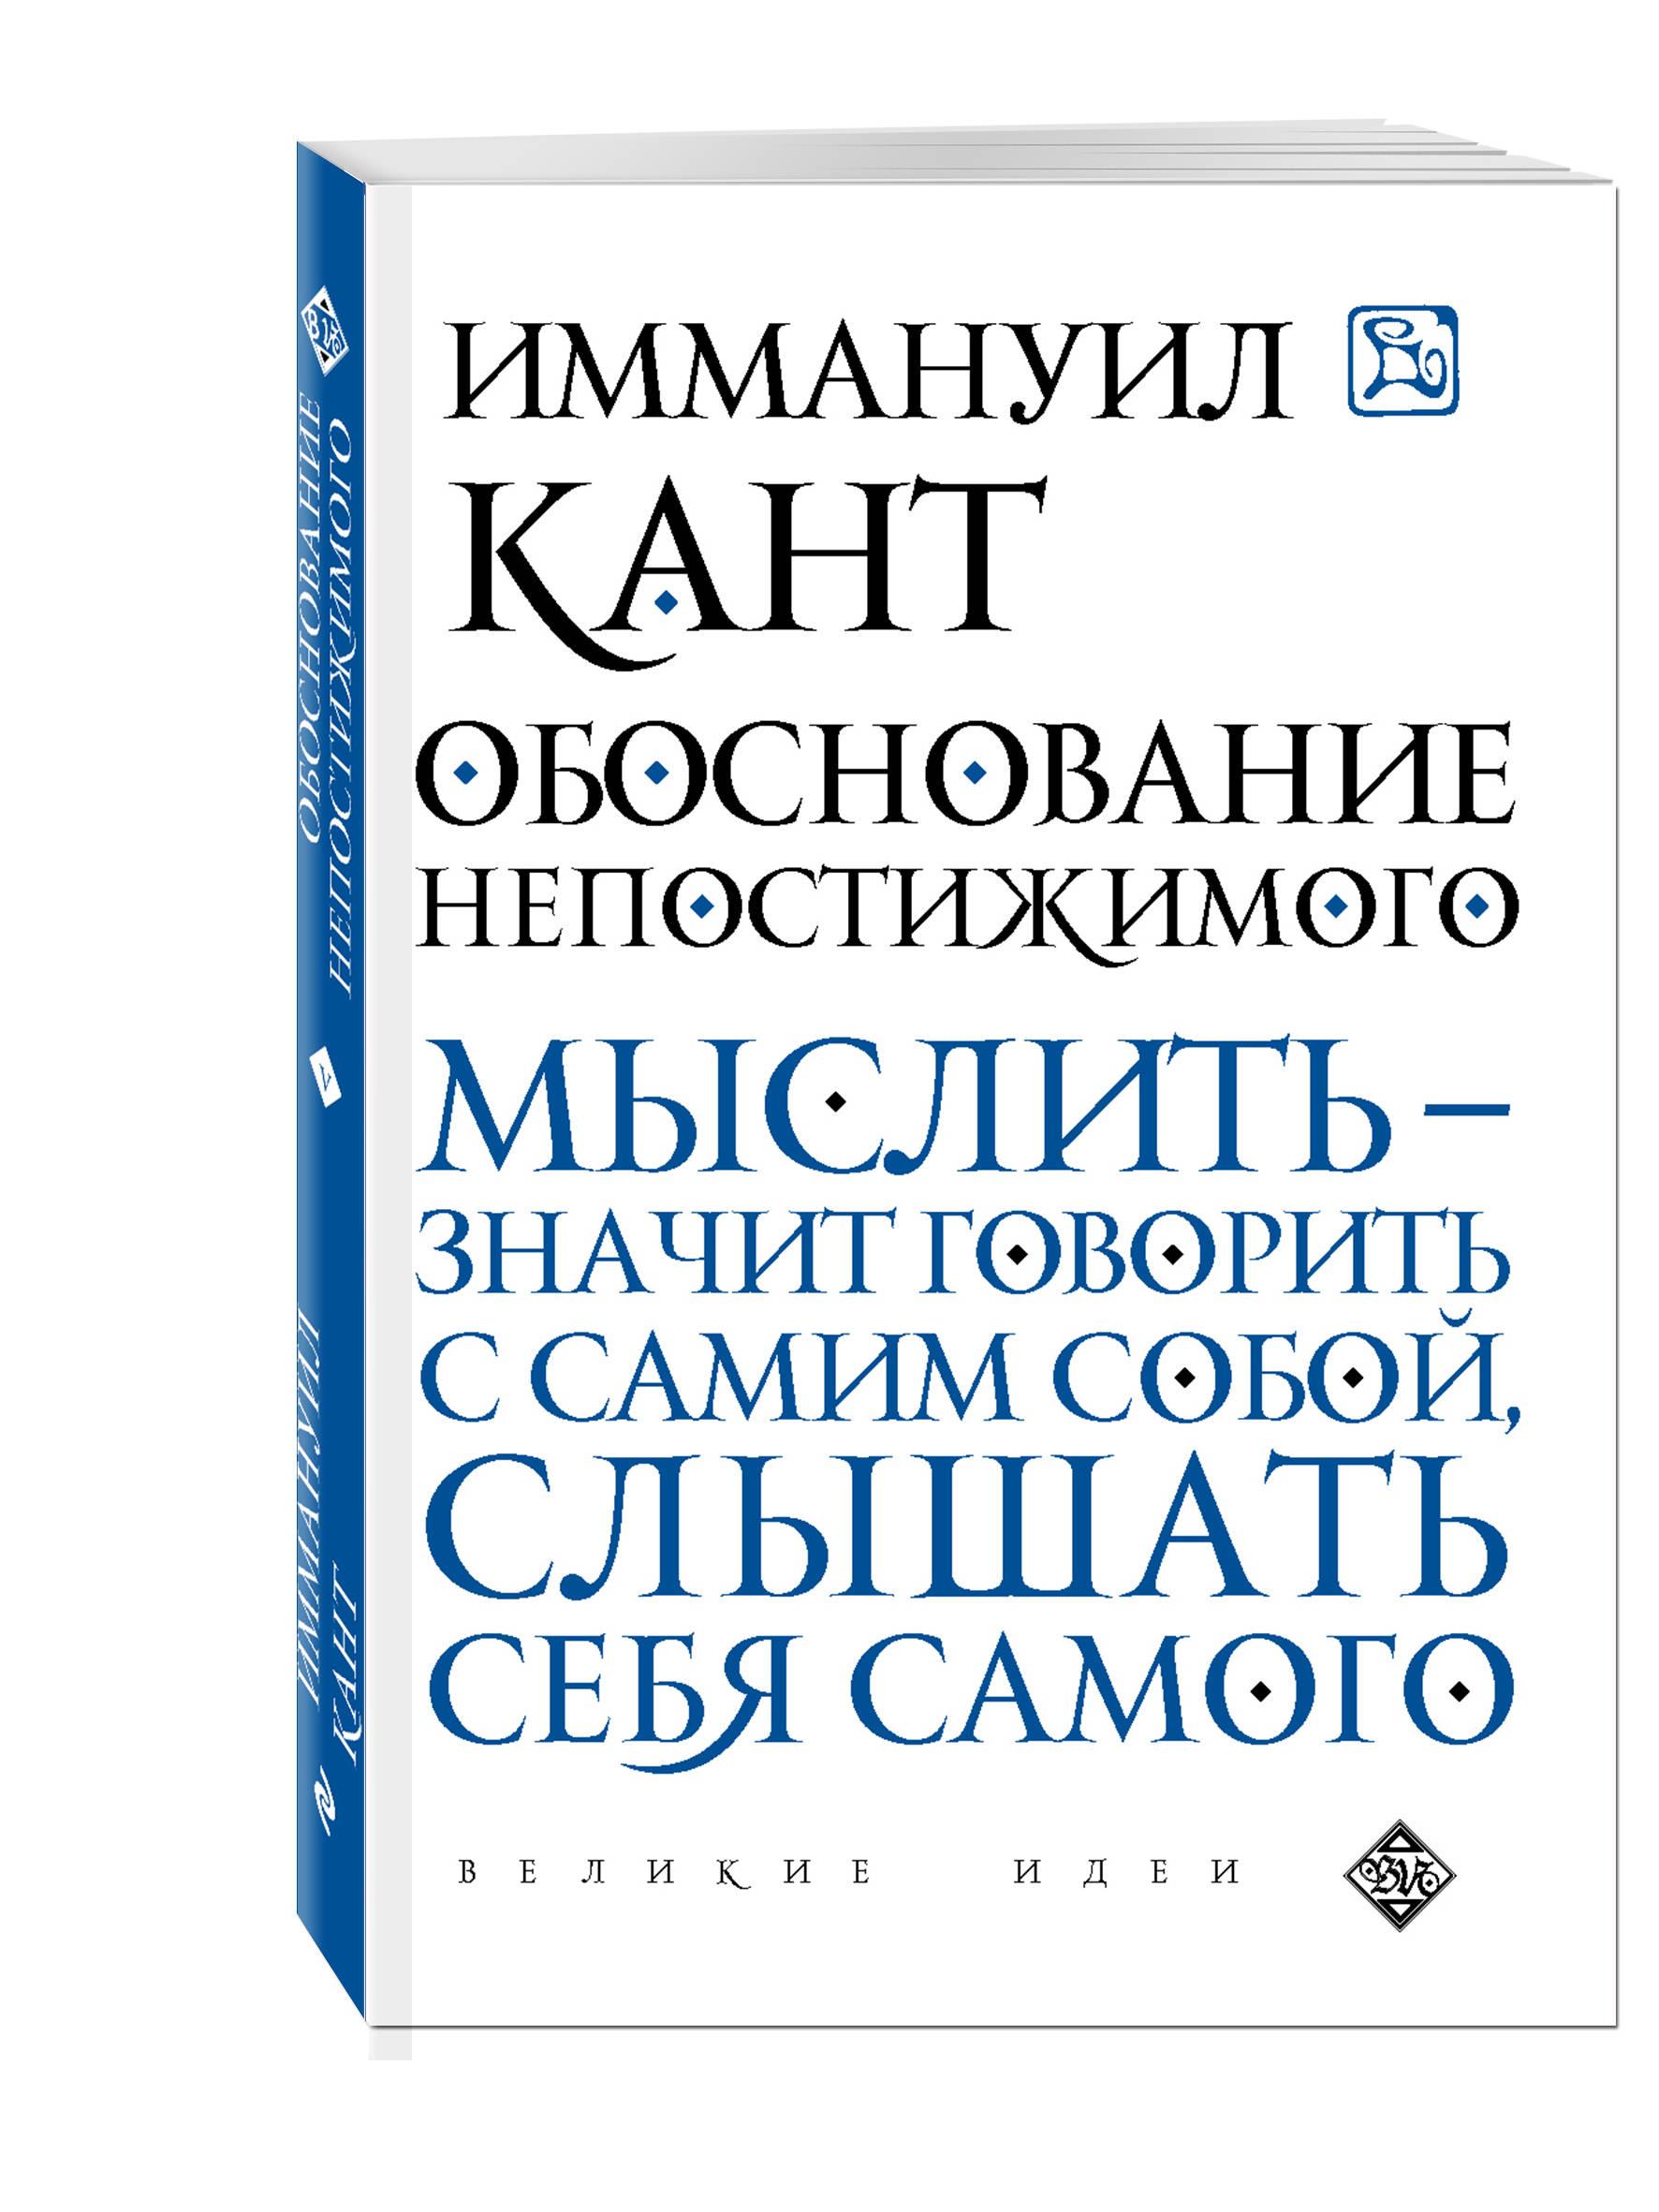 Иммануил Кант Обоснование непостижимого цена